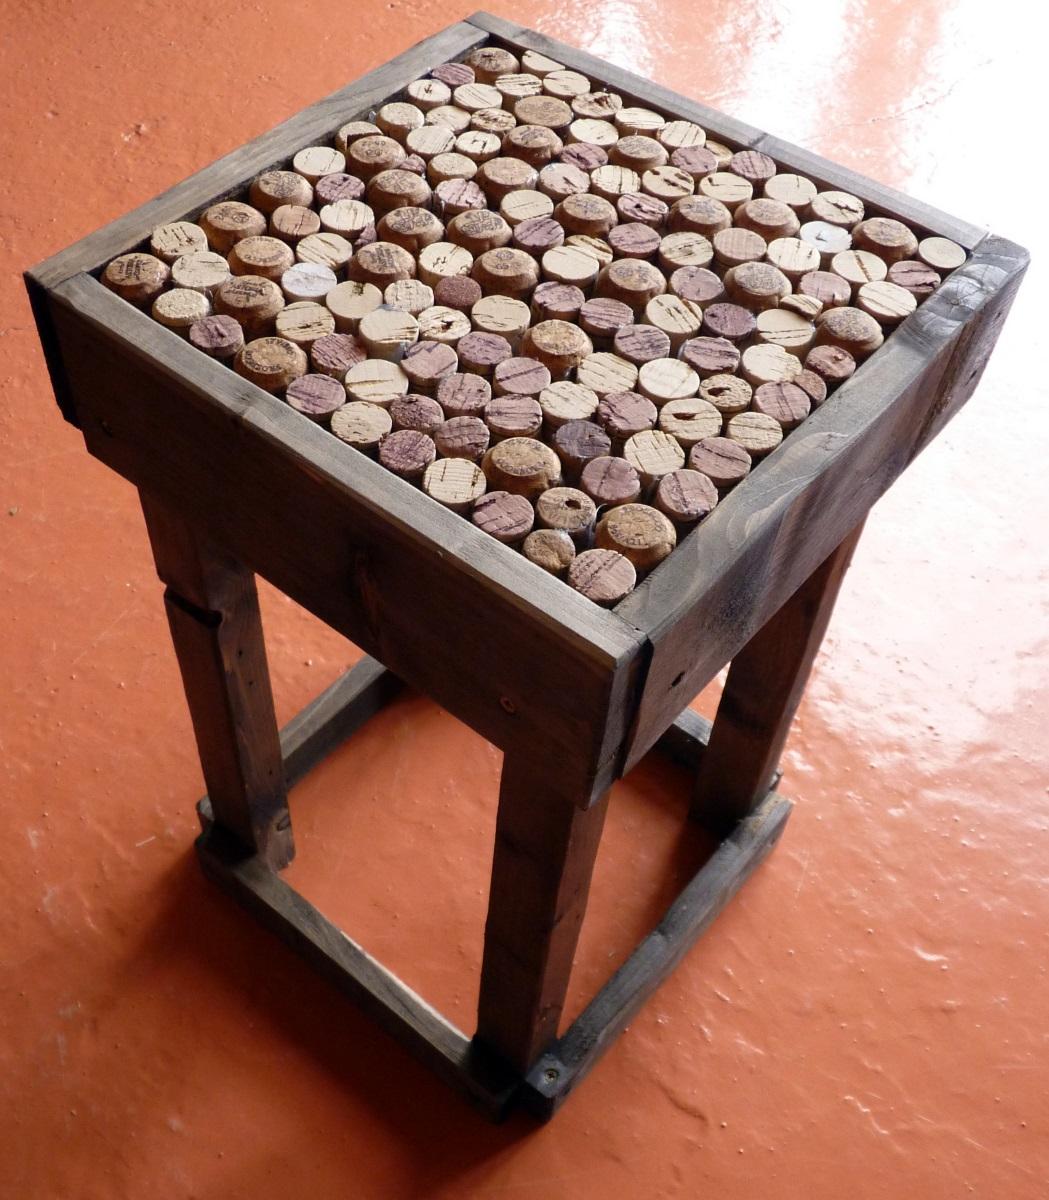 Popolare LE MIE IDEE CREATIVE..: tavolino-sgabello fatto con  IA78